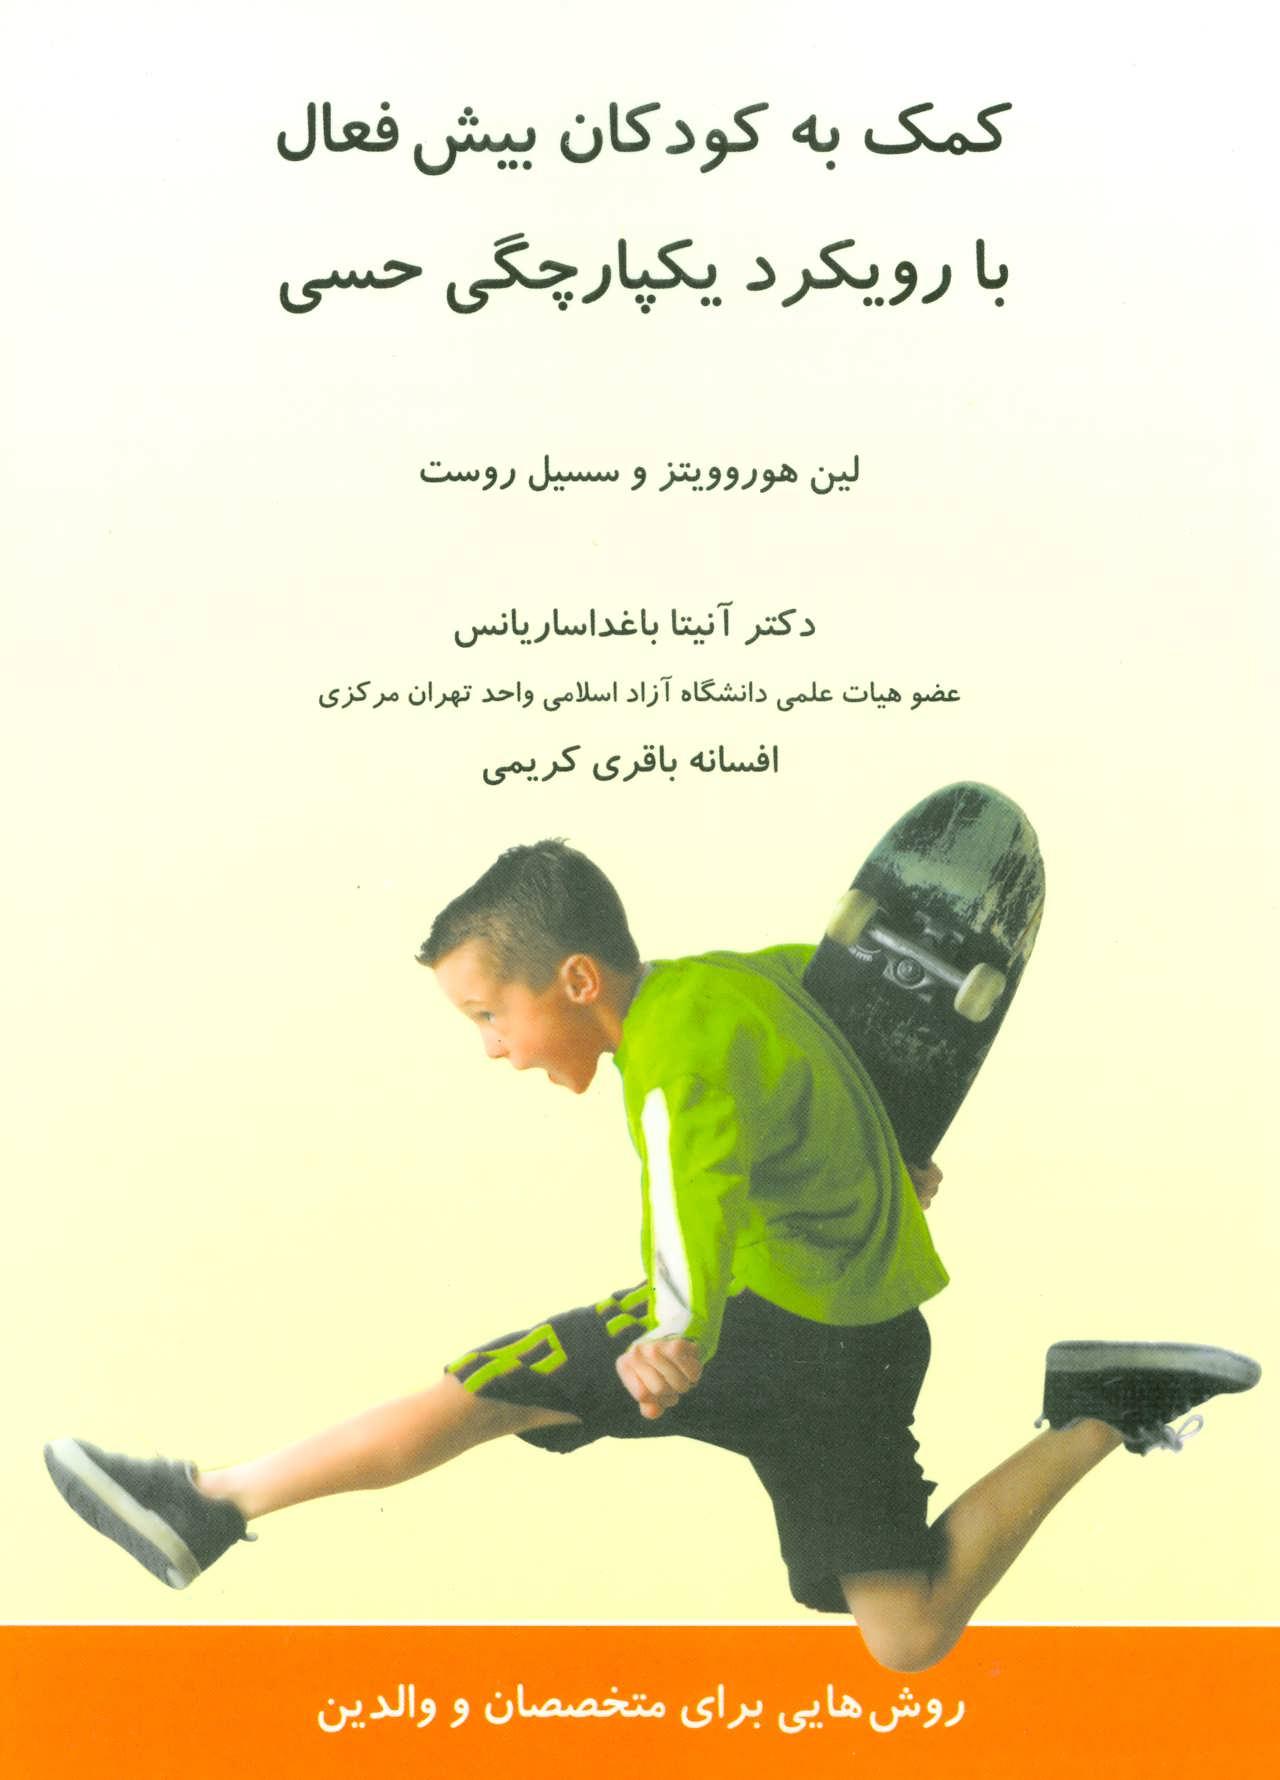 کتاب کمک به کودکان بیشفعال با رویکرد یکپارچگی حسی